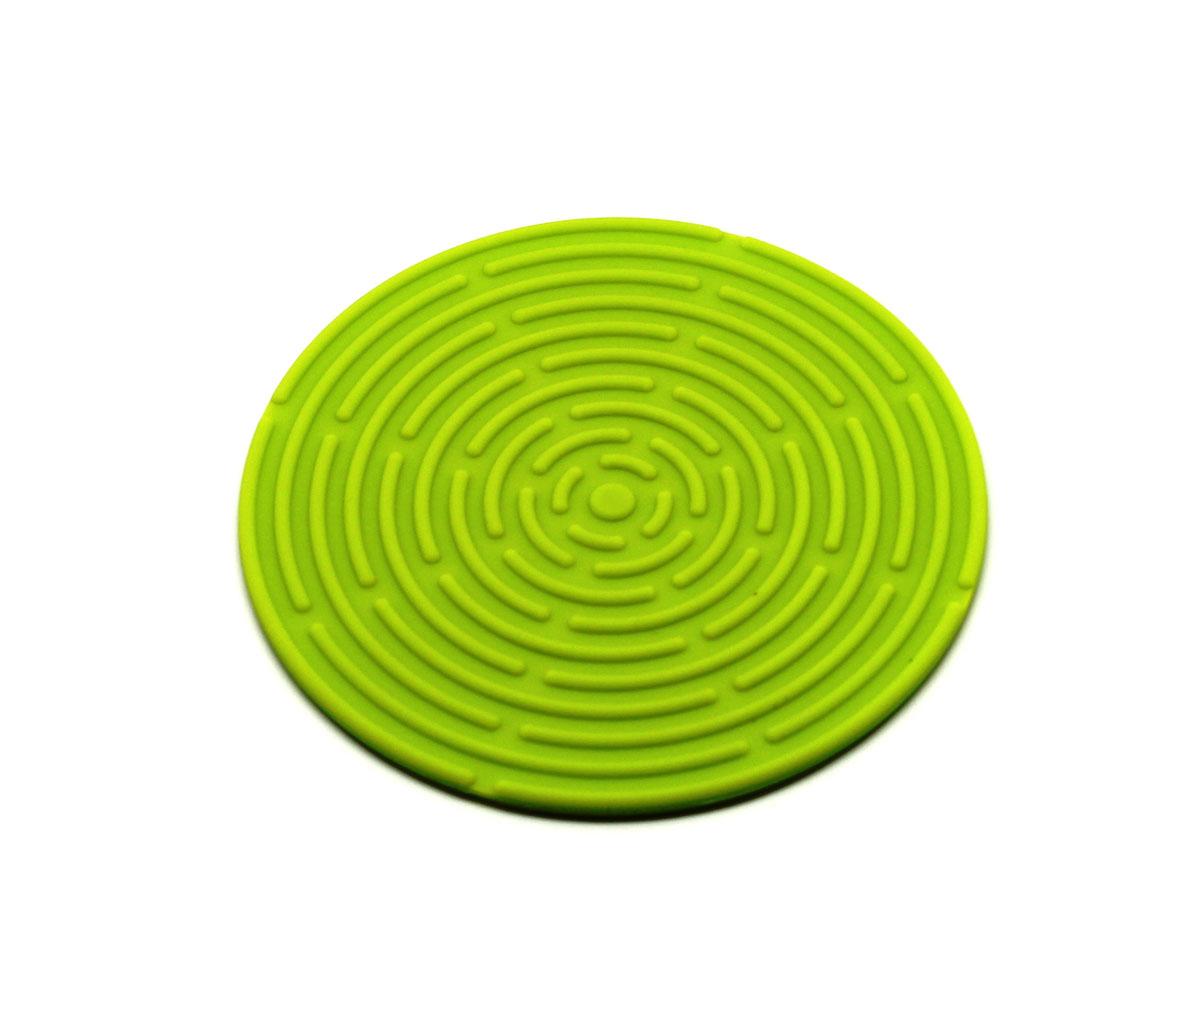 Подставка под горячее Atlantis, цвет: зеленый, диаметр 15 смSC-MT-010-GКруглая подставка под горячее Atlantis изготовлена из высококачественного пищевого силикона. Выдерживает температуру до +230°С, не впитывает запахи и предохраняет поверхность вашего стола от высоких температур. Оригинальный дизайн внесет свежесть и новизну в интерьер кухни. Подставка под горячее станет незаменимым помощником на кухне. Легко моется в посудомоечной машине.